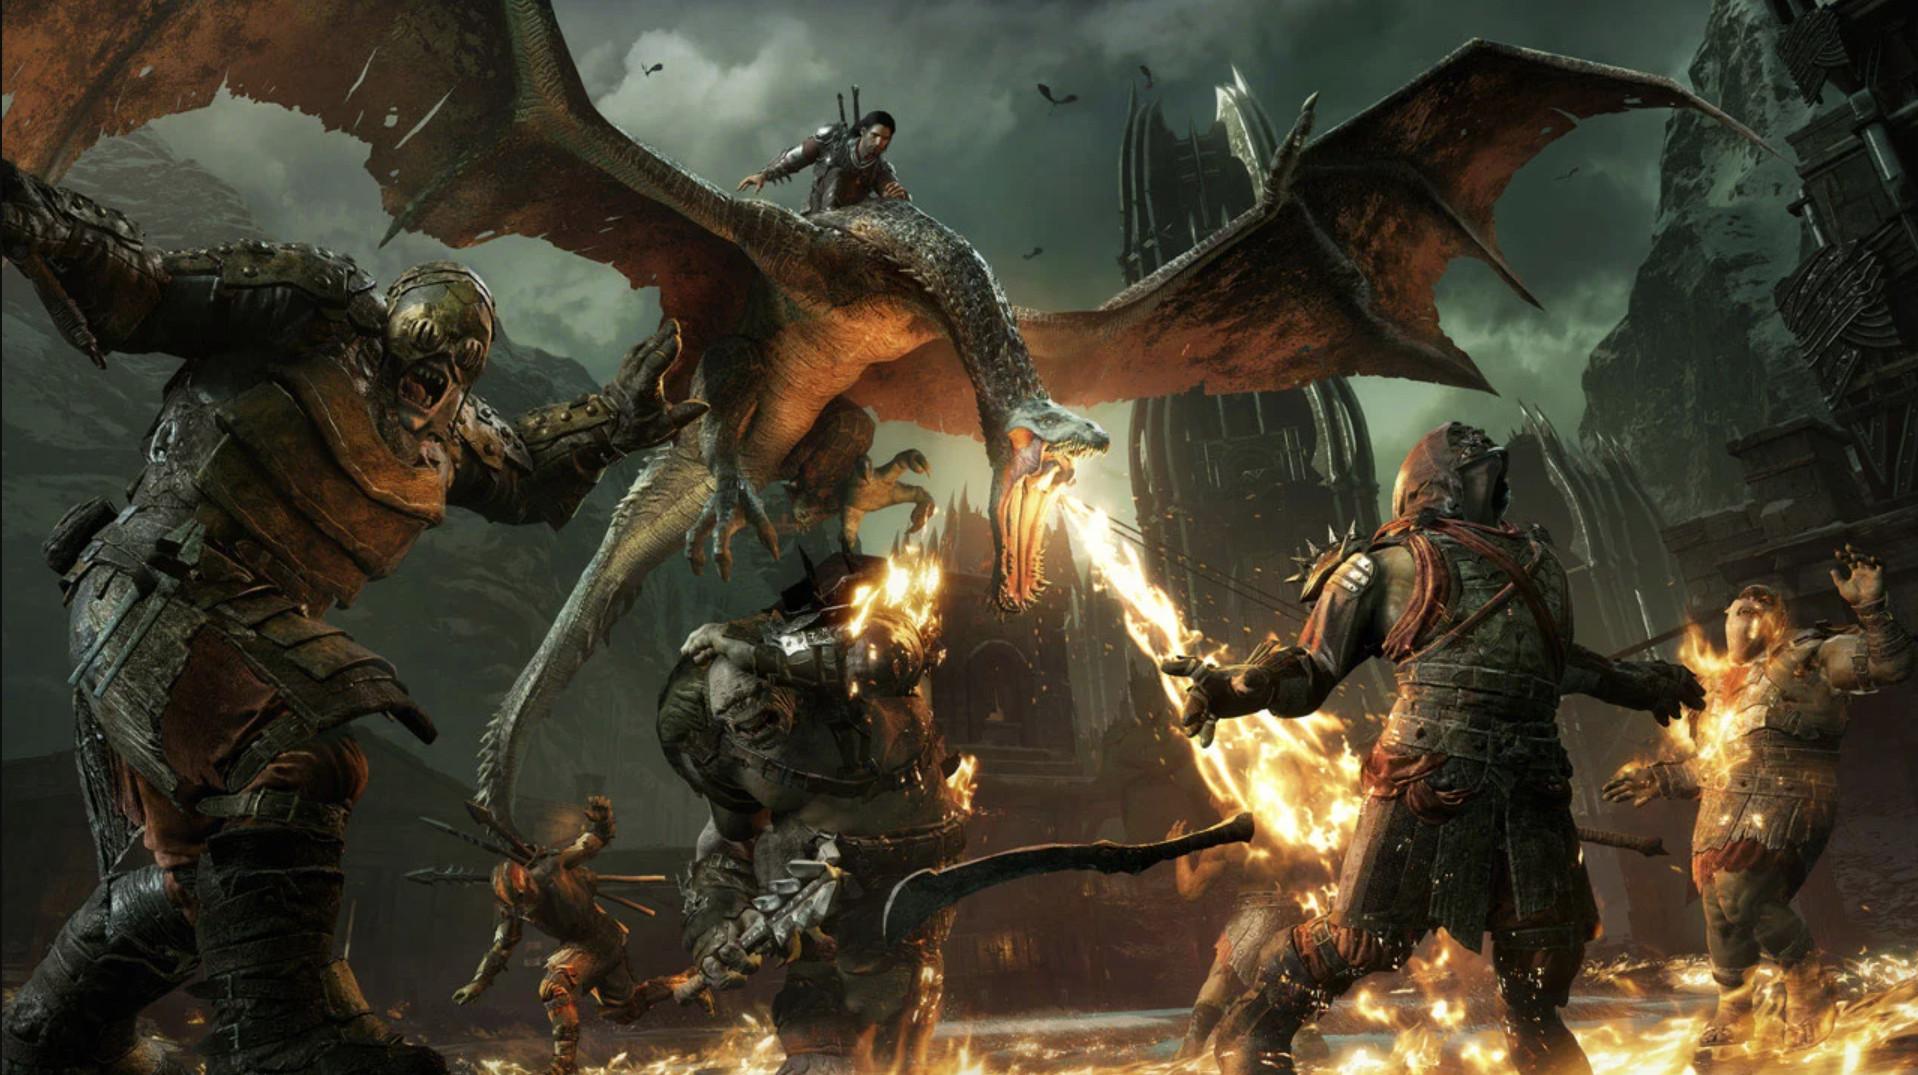 《中土世界:暗影摩多》负责人加盟EA 打造开放世界动作冒险新作